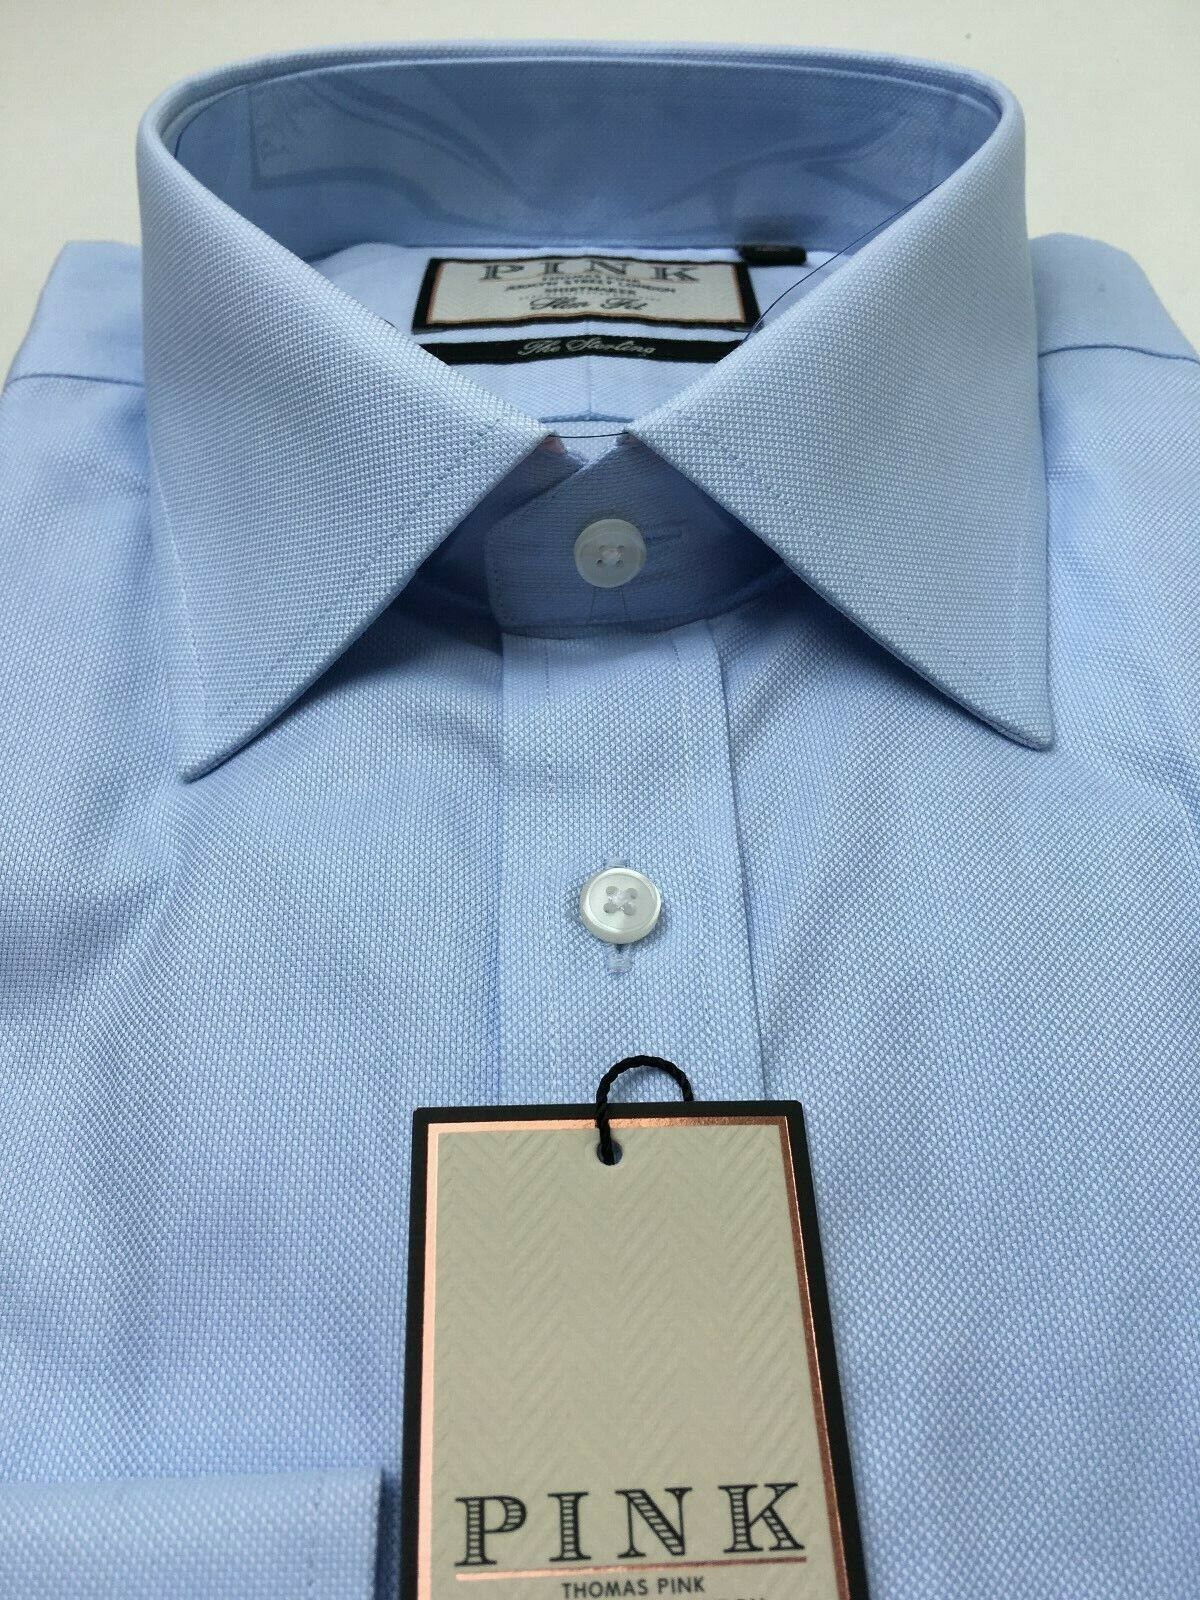 Thomas rosa 100's due volte Camicia, Camicia, Camicia, Slim Fit, UK 17, LT Blu, Nuovo con Etichetta, prezzo consigliato  c737ff